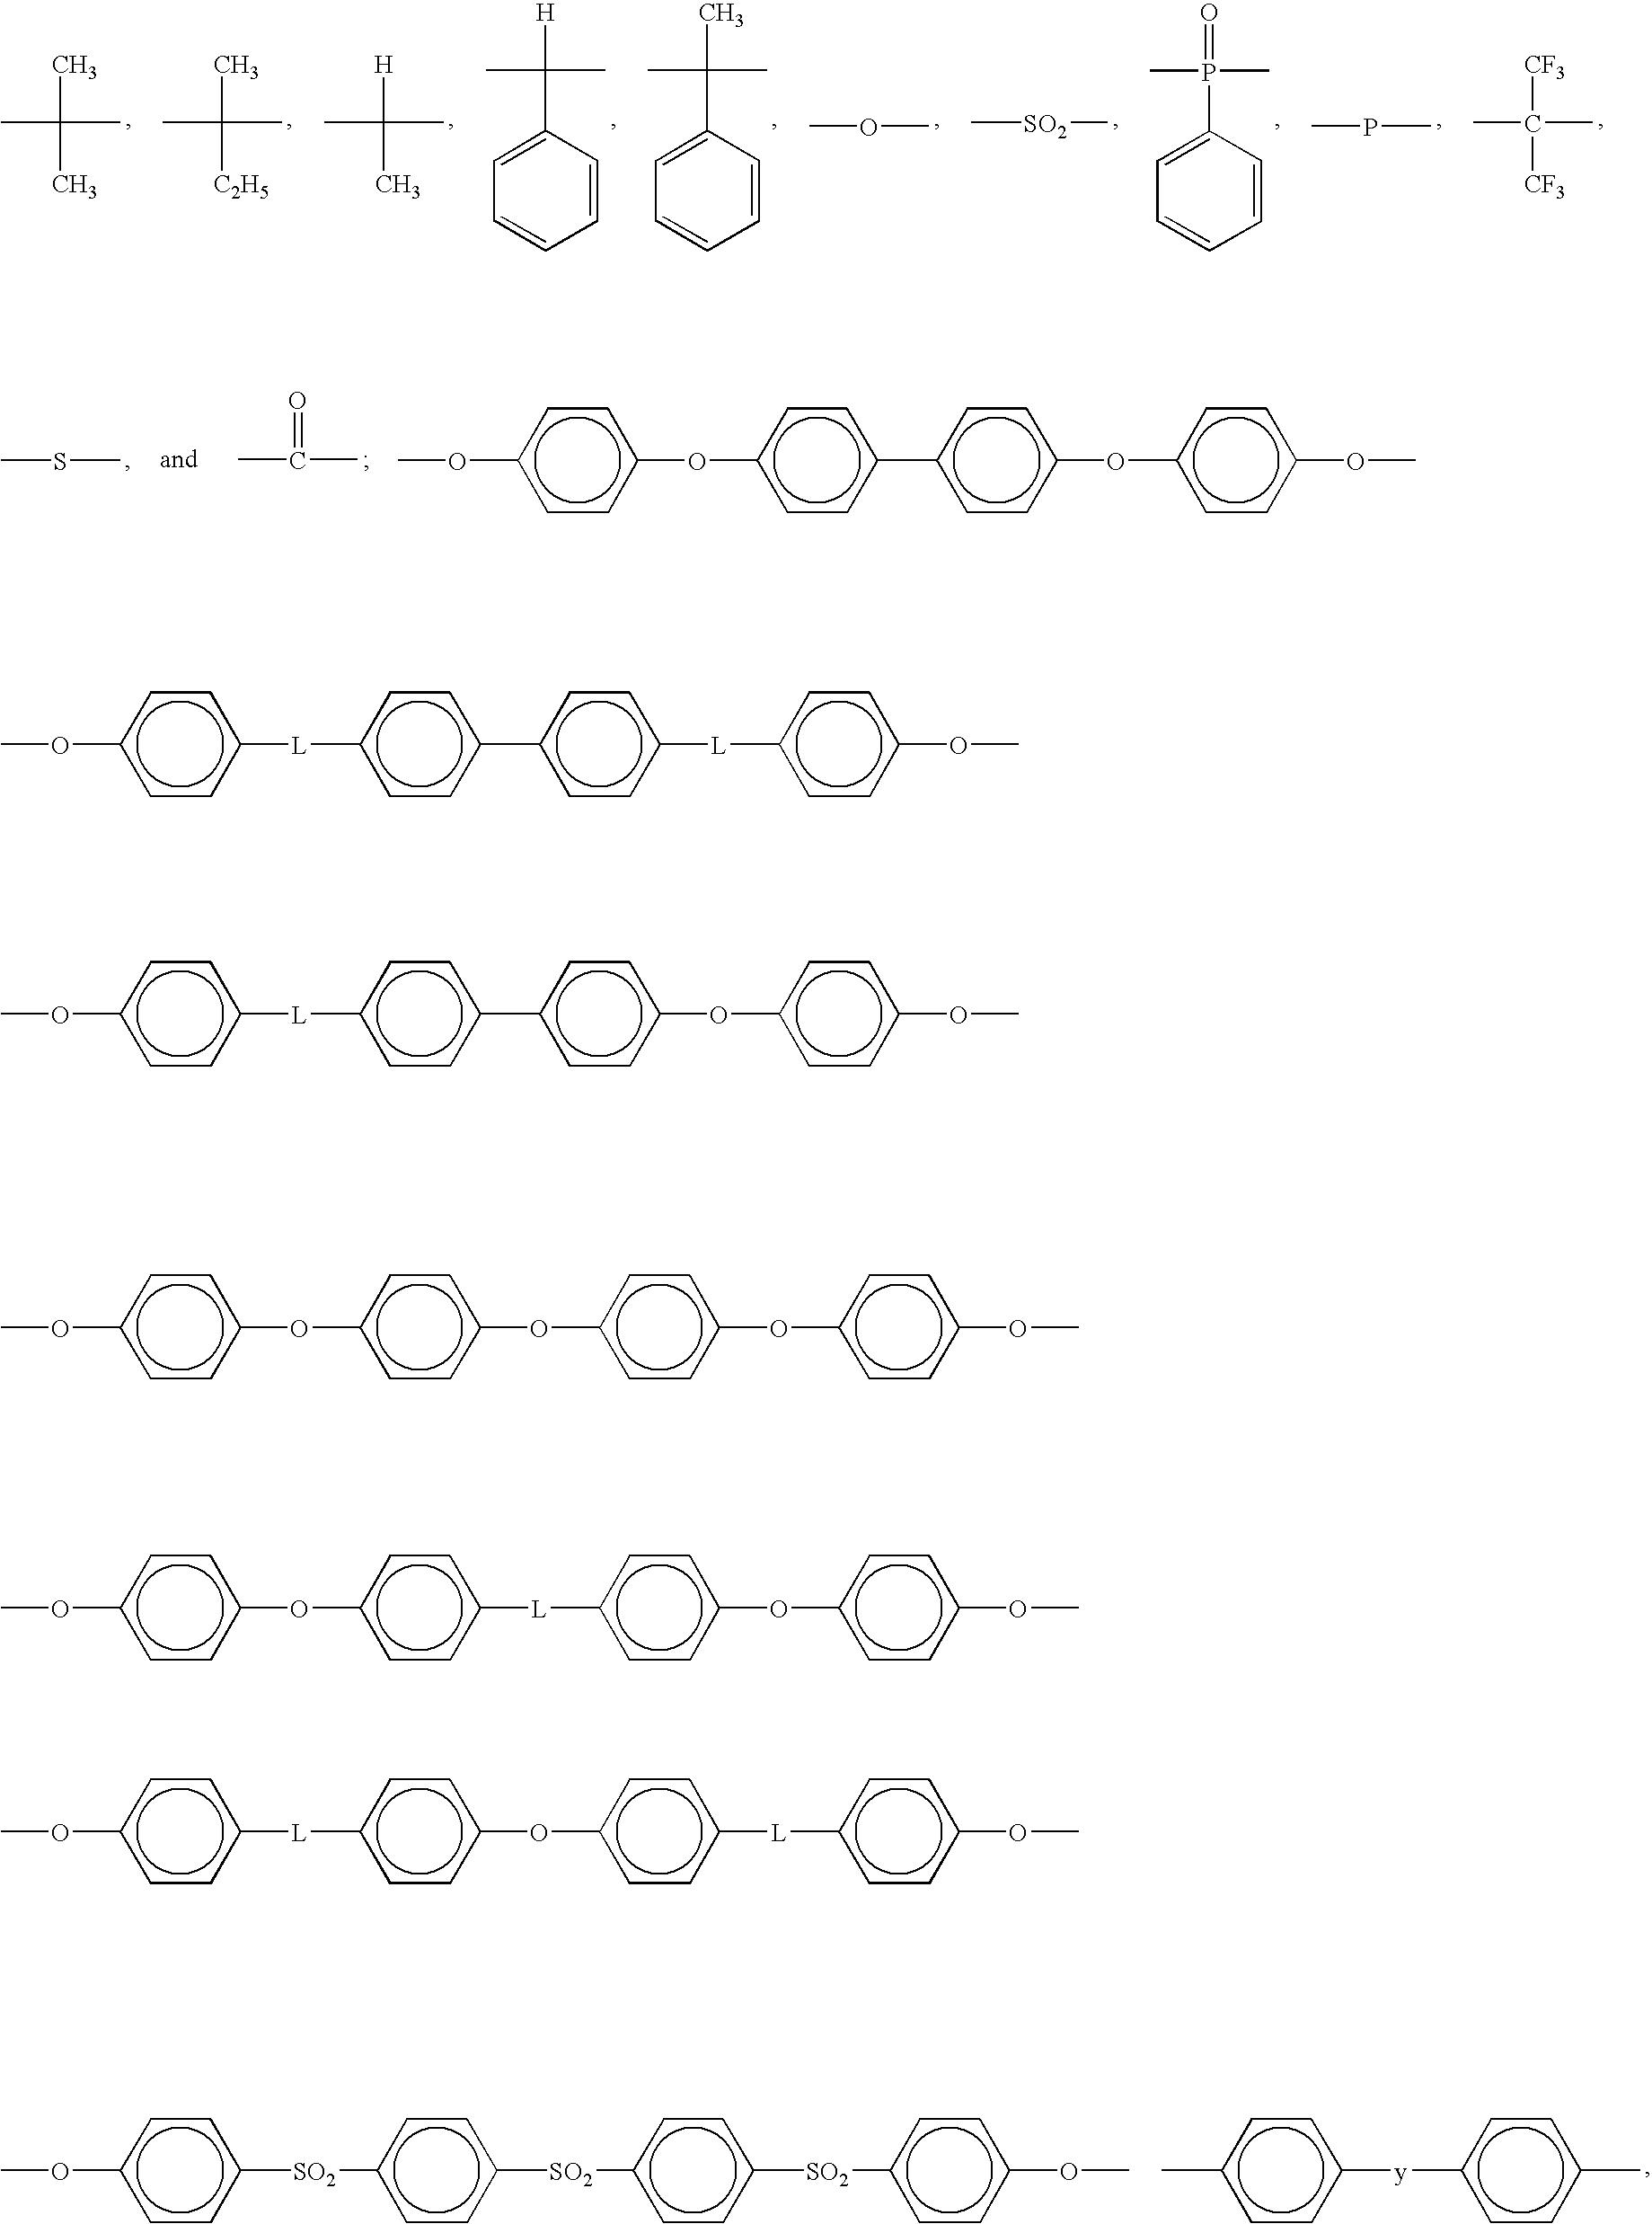 Figure US20080319159A1-20081225-C00004